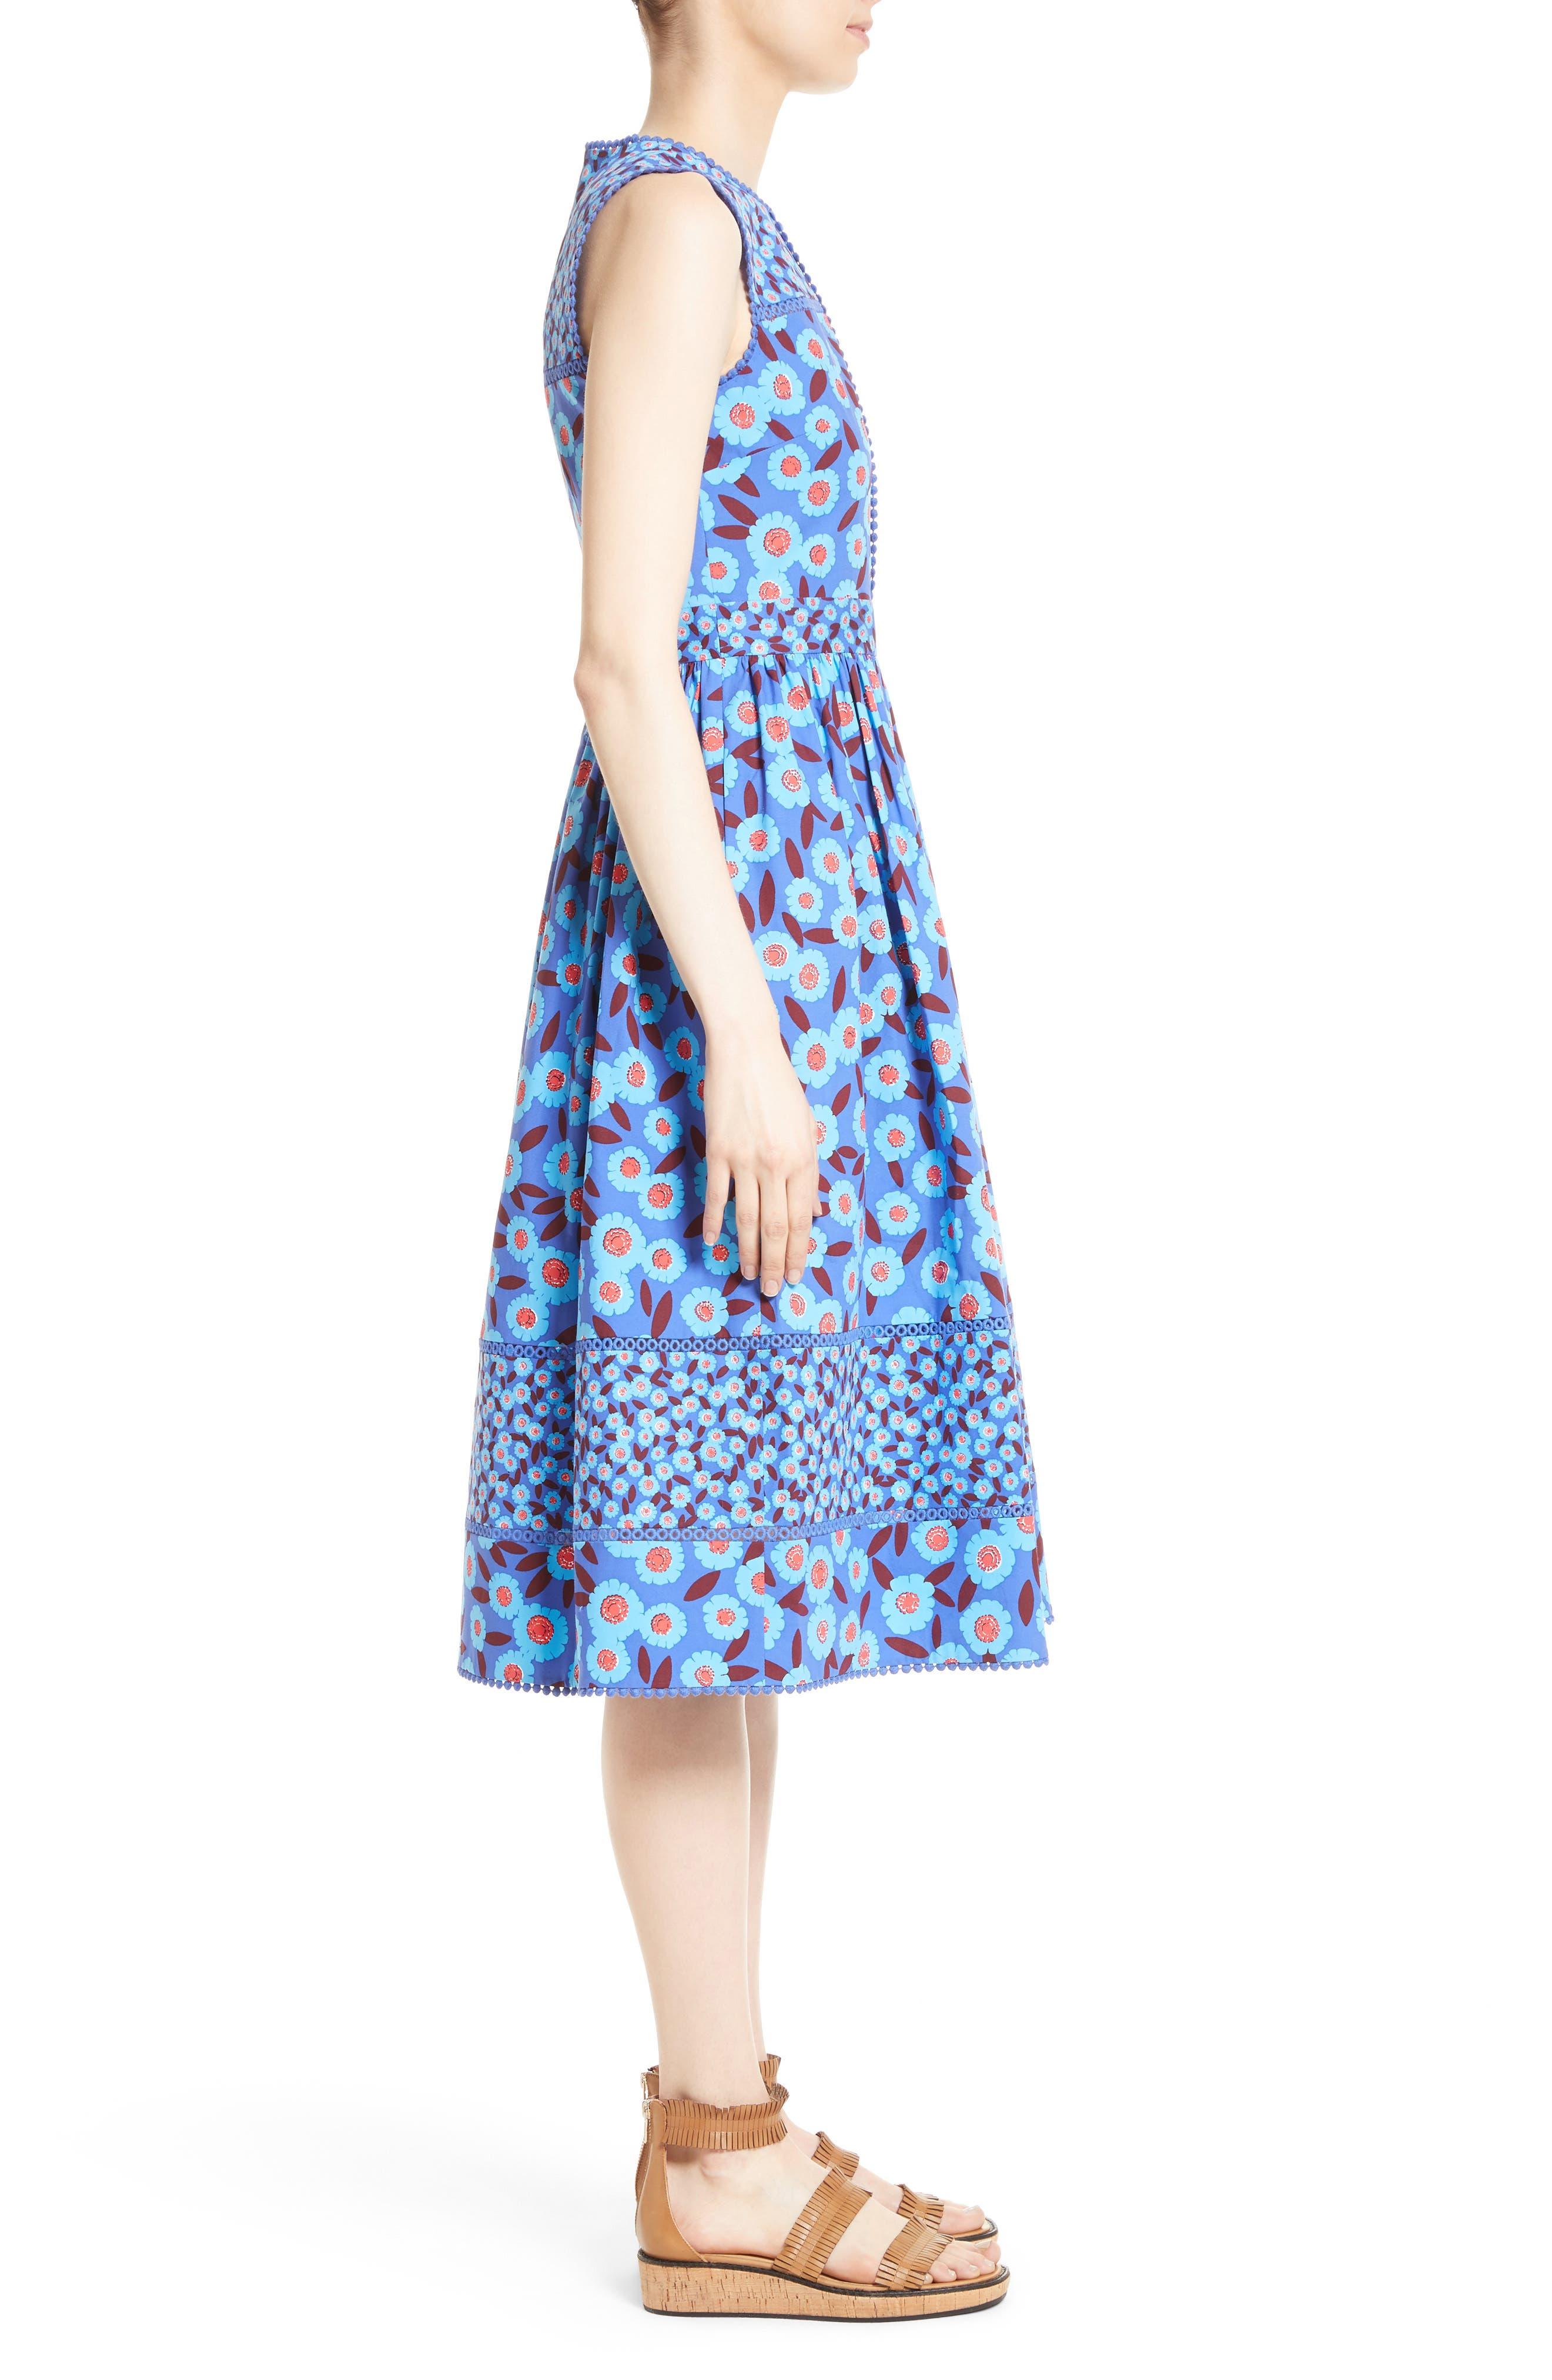 tangier floral midi dress,                             Alternate thumbnail 3, color,                             408